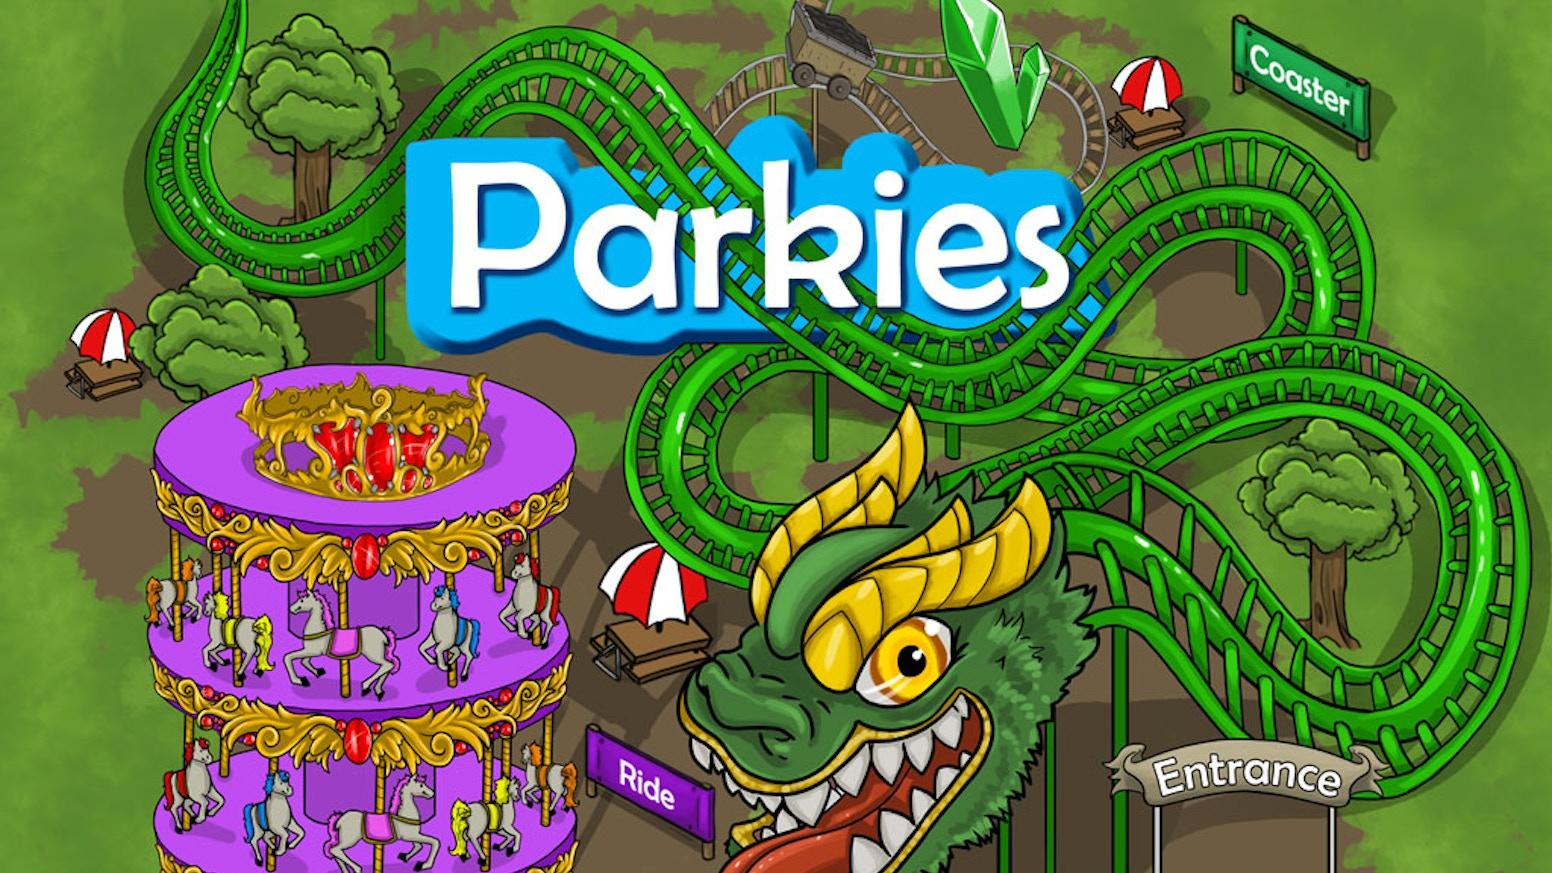 Build a theme park. Become a Parkie!